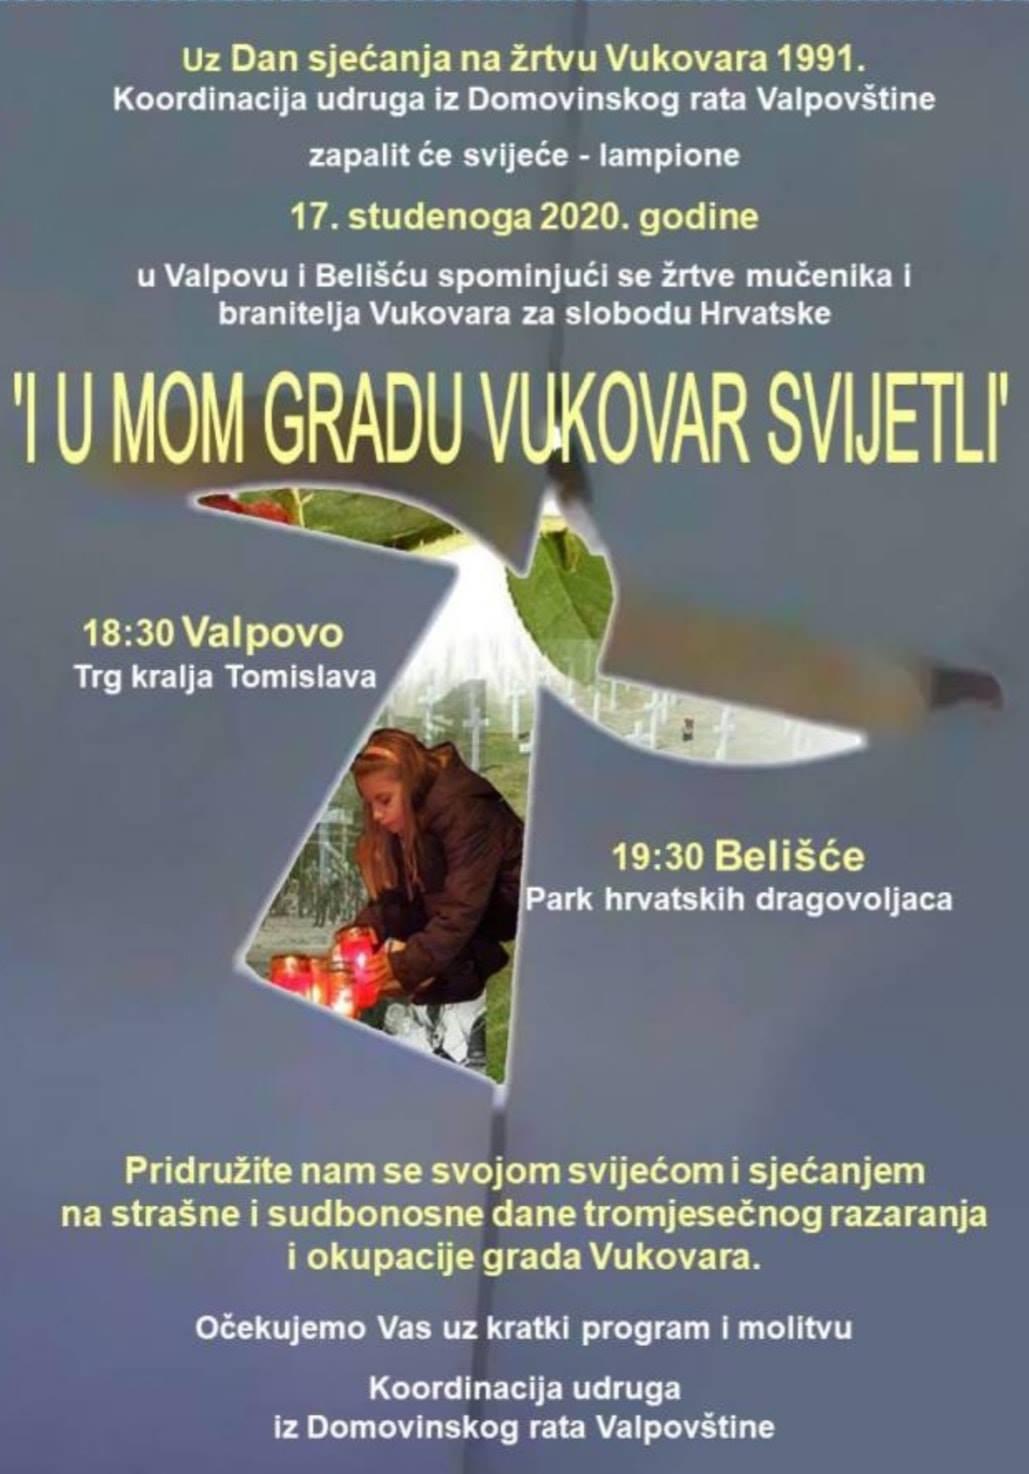 Uz Dan sjećanja na žrtvu Vukovara 1991. Koordinacija udruga iz Domovinskog rata Valpovštine zapalit će svijeće – lampione 17. studenoga 2020. godine